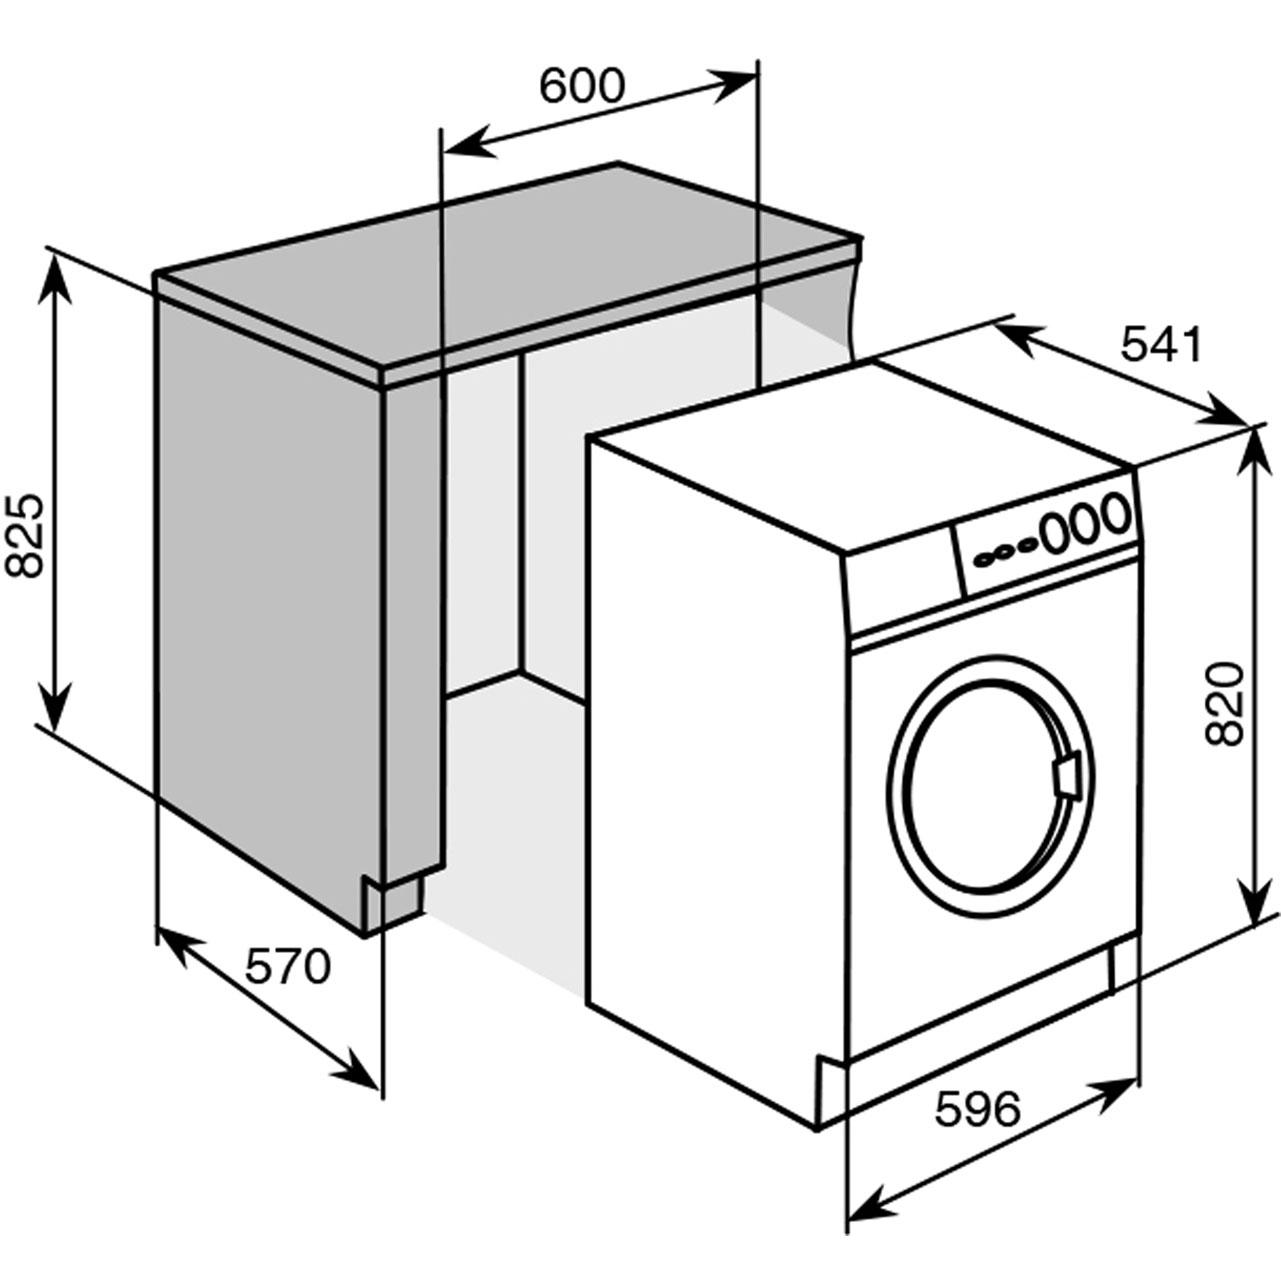 asko dryer wiring diagram